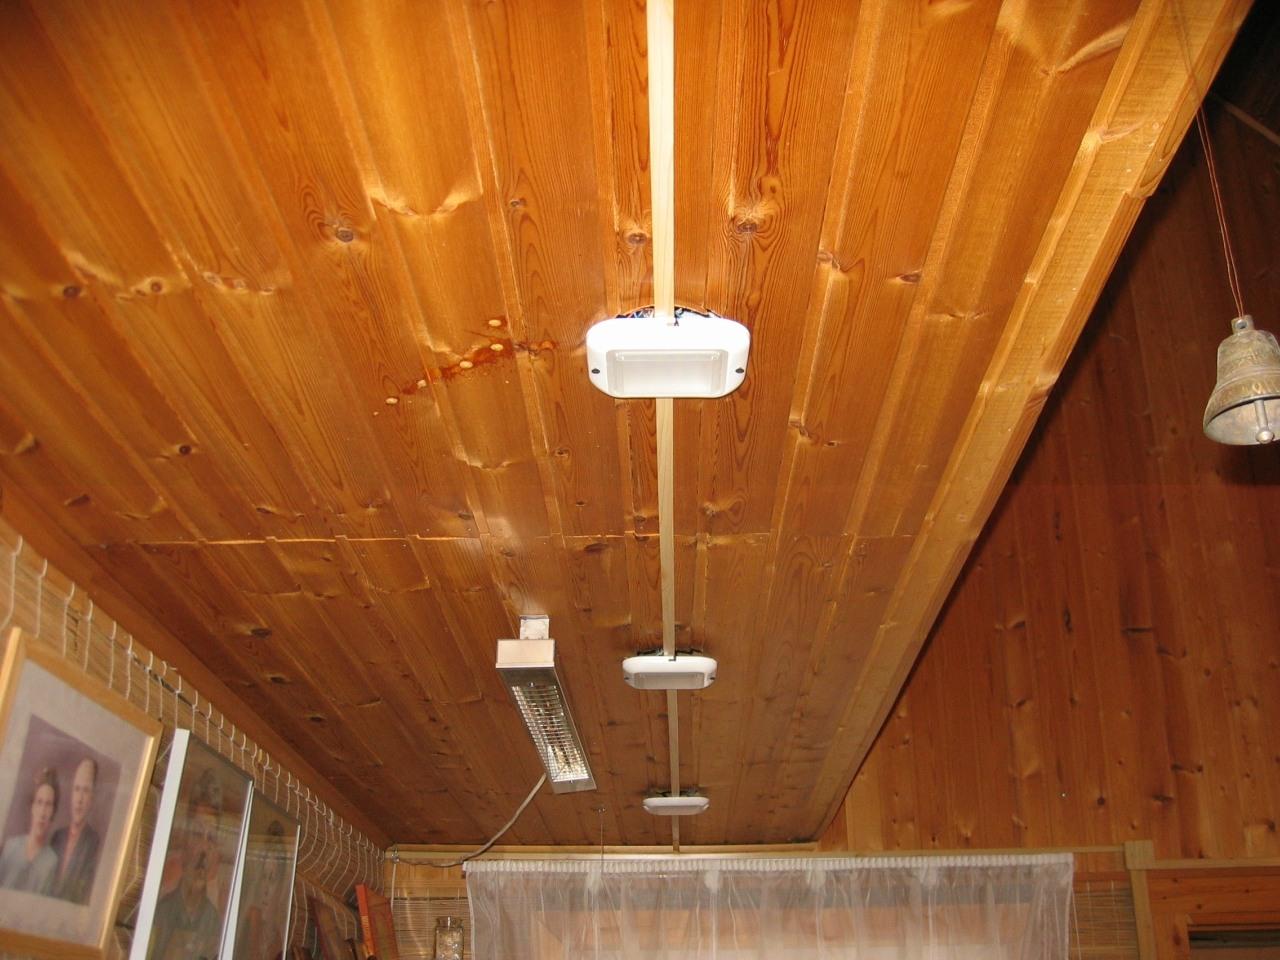 Деревянный дом. Монтаж в кабель-канале. Светодиодные светильники.